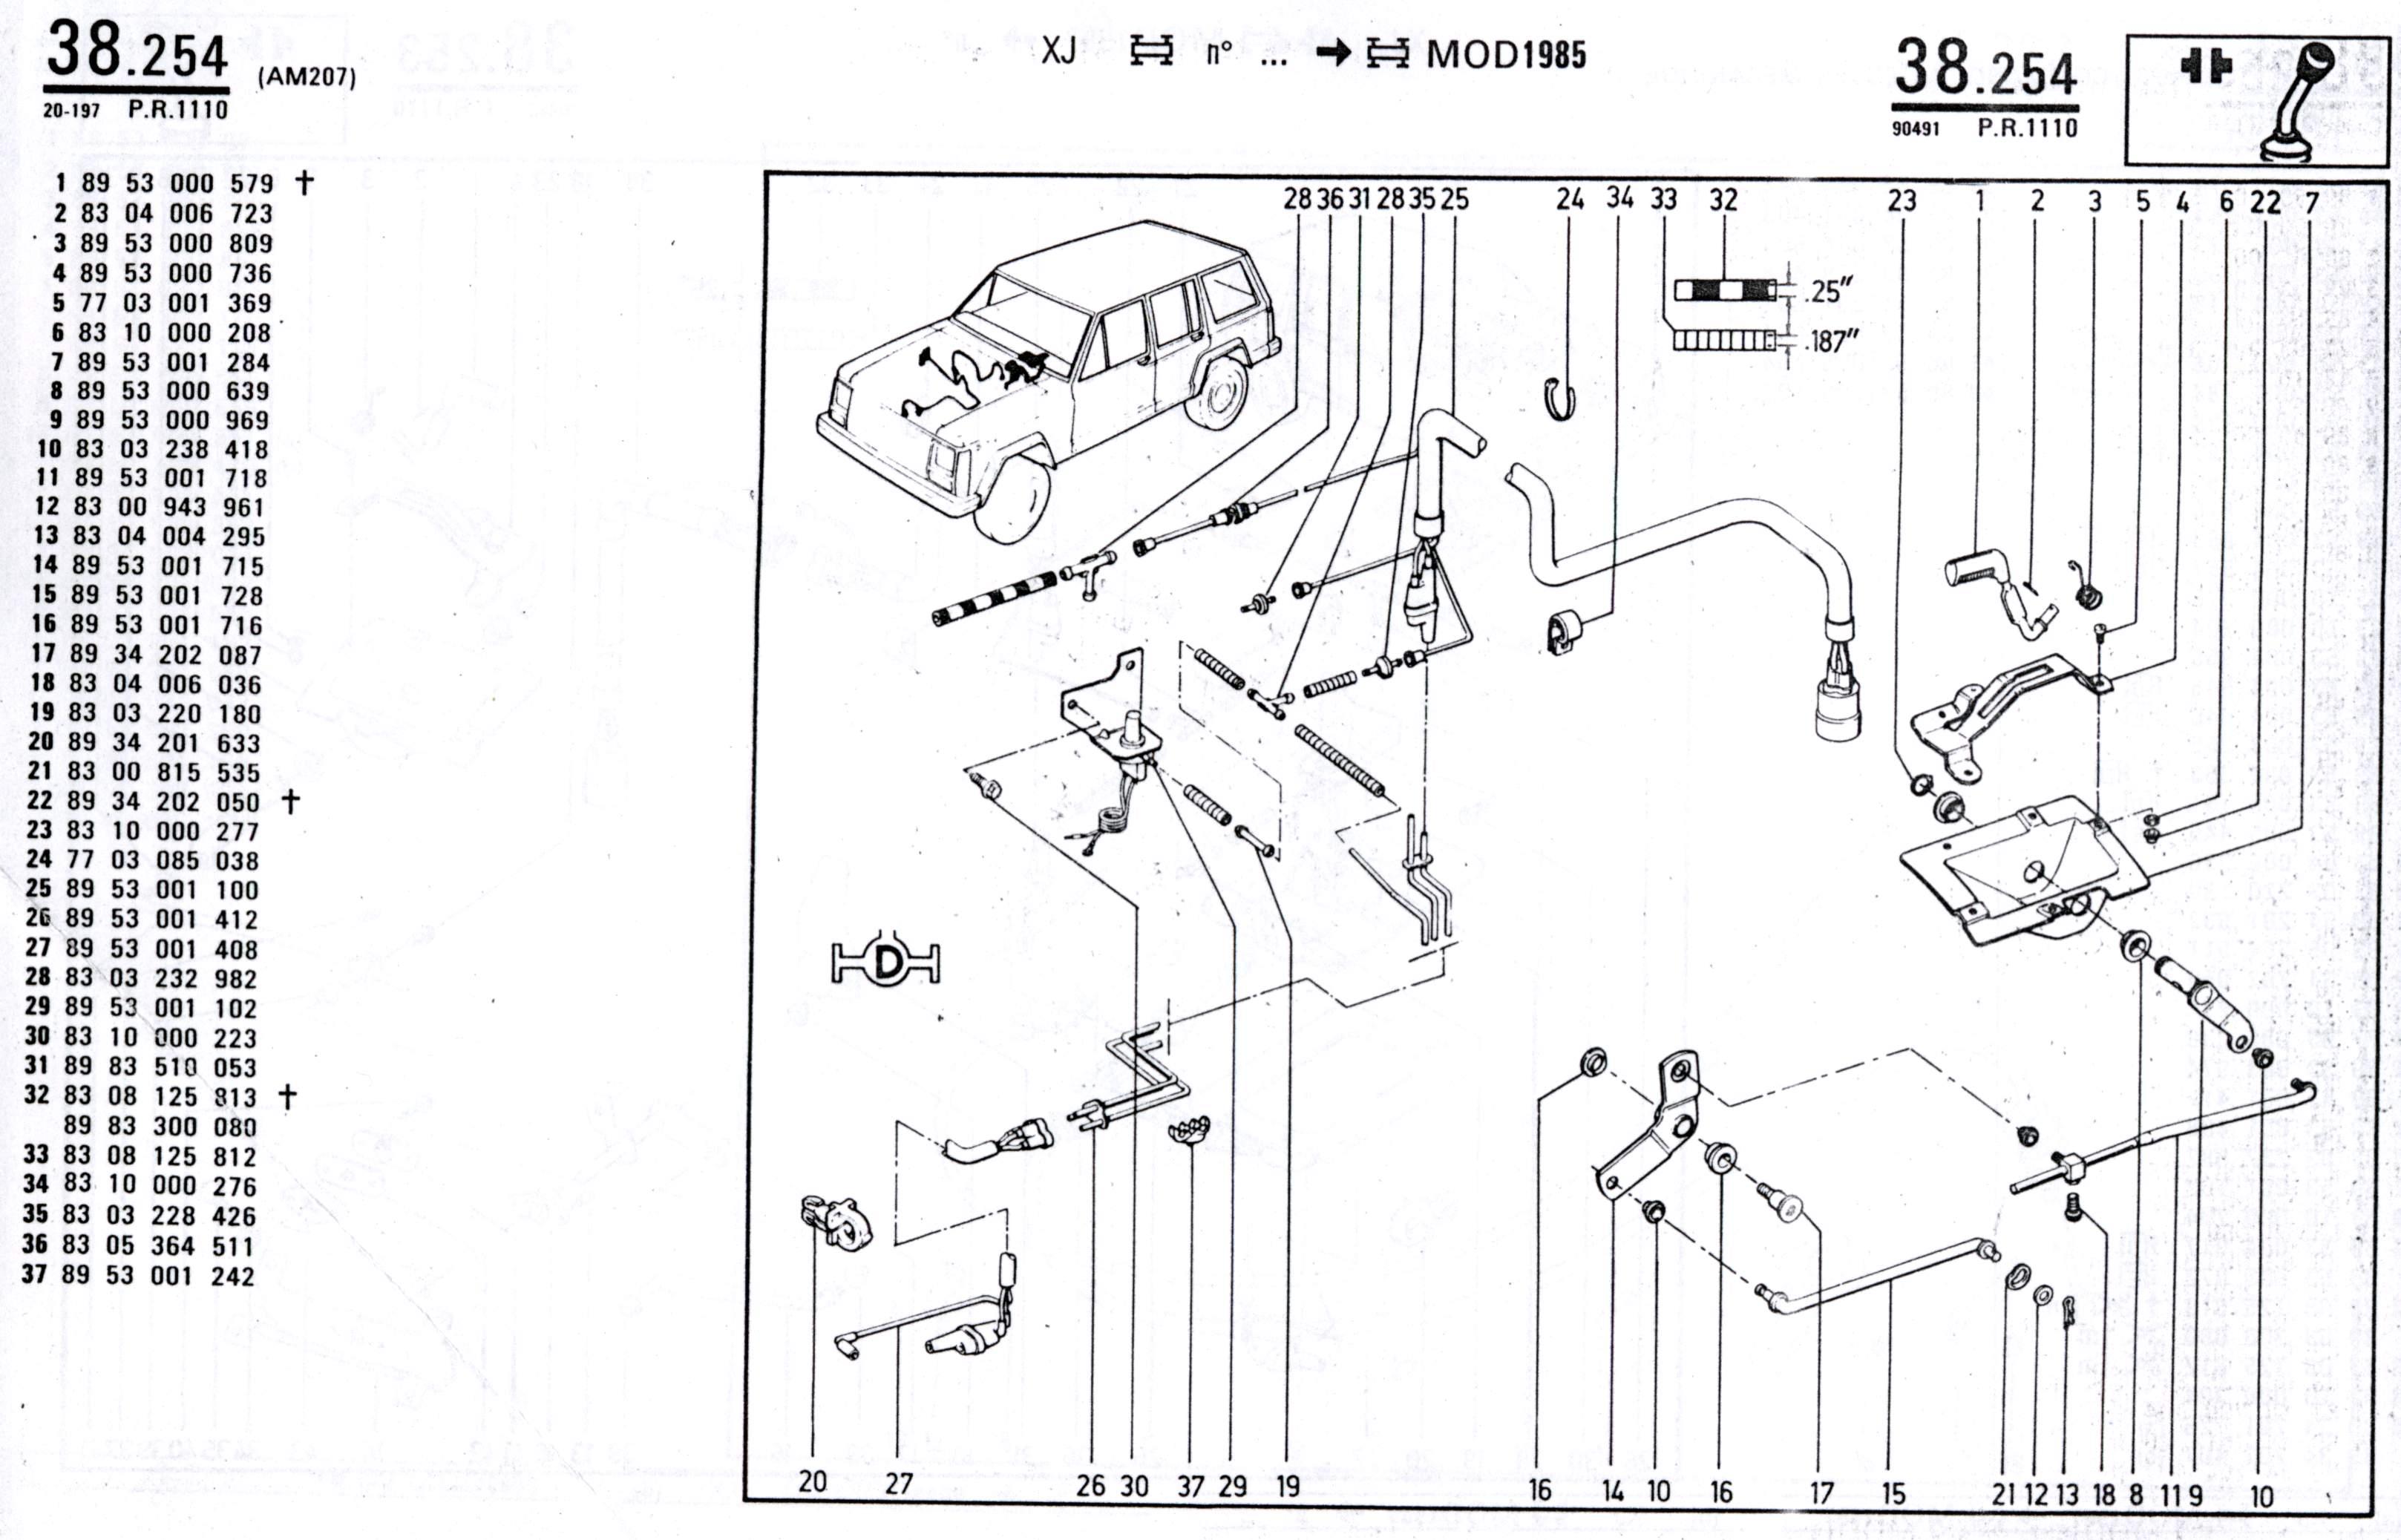 schema impianto elettrico jeep grand cherokee  prodotto